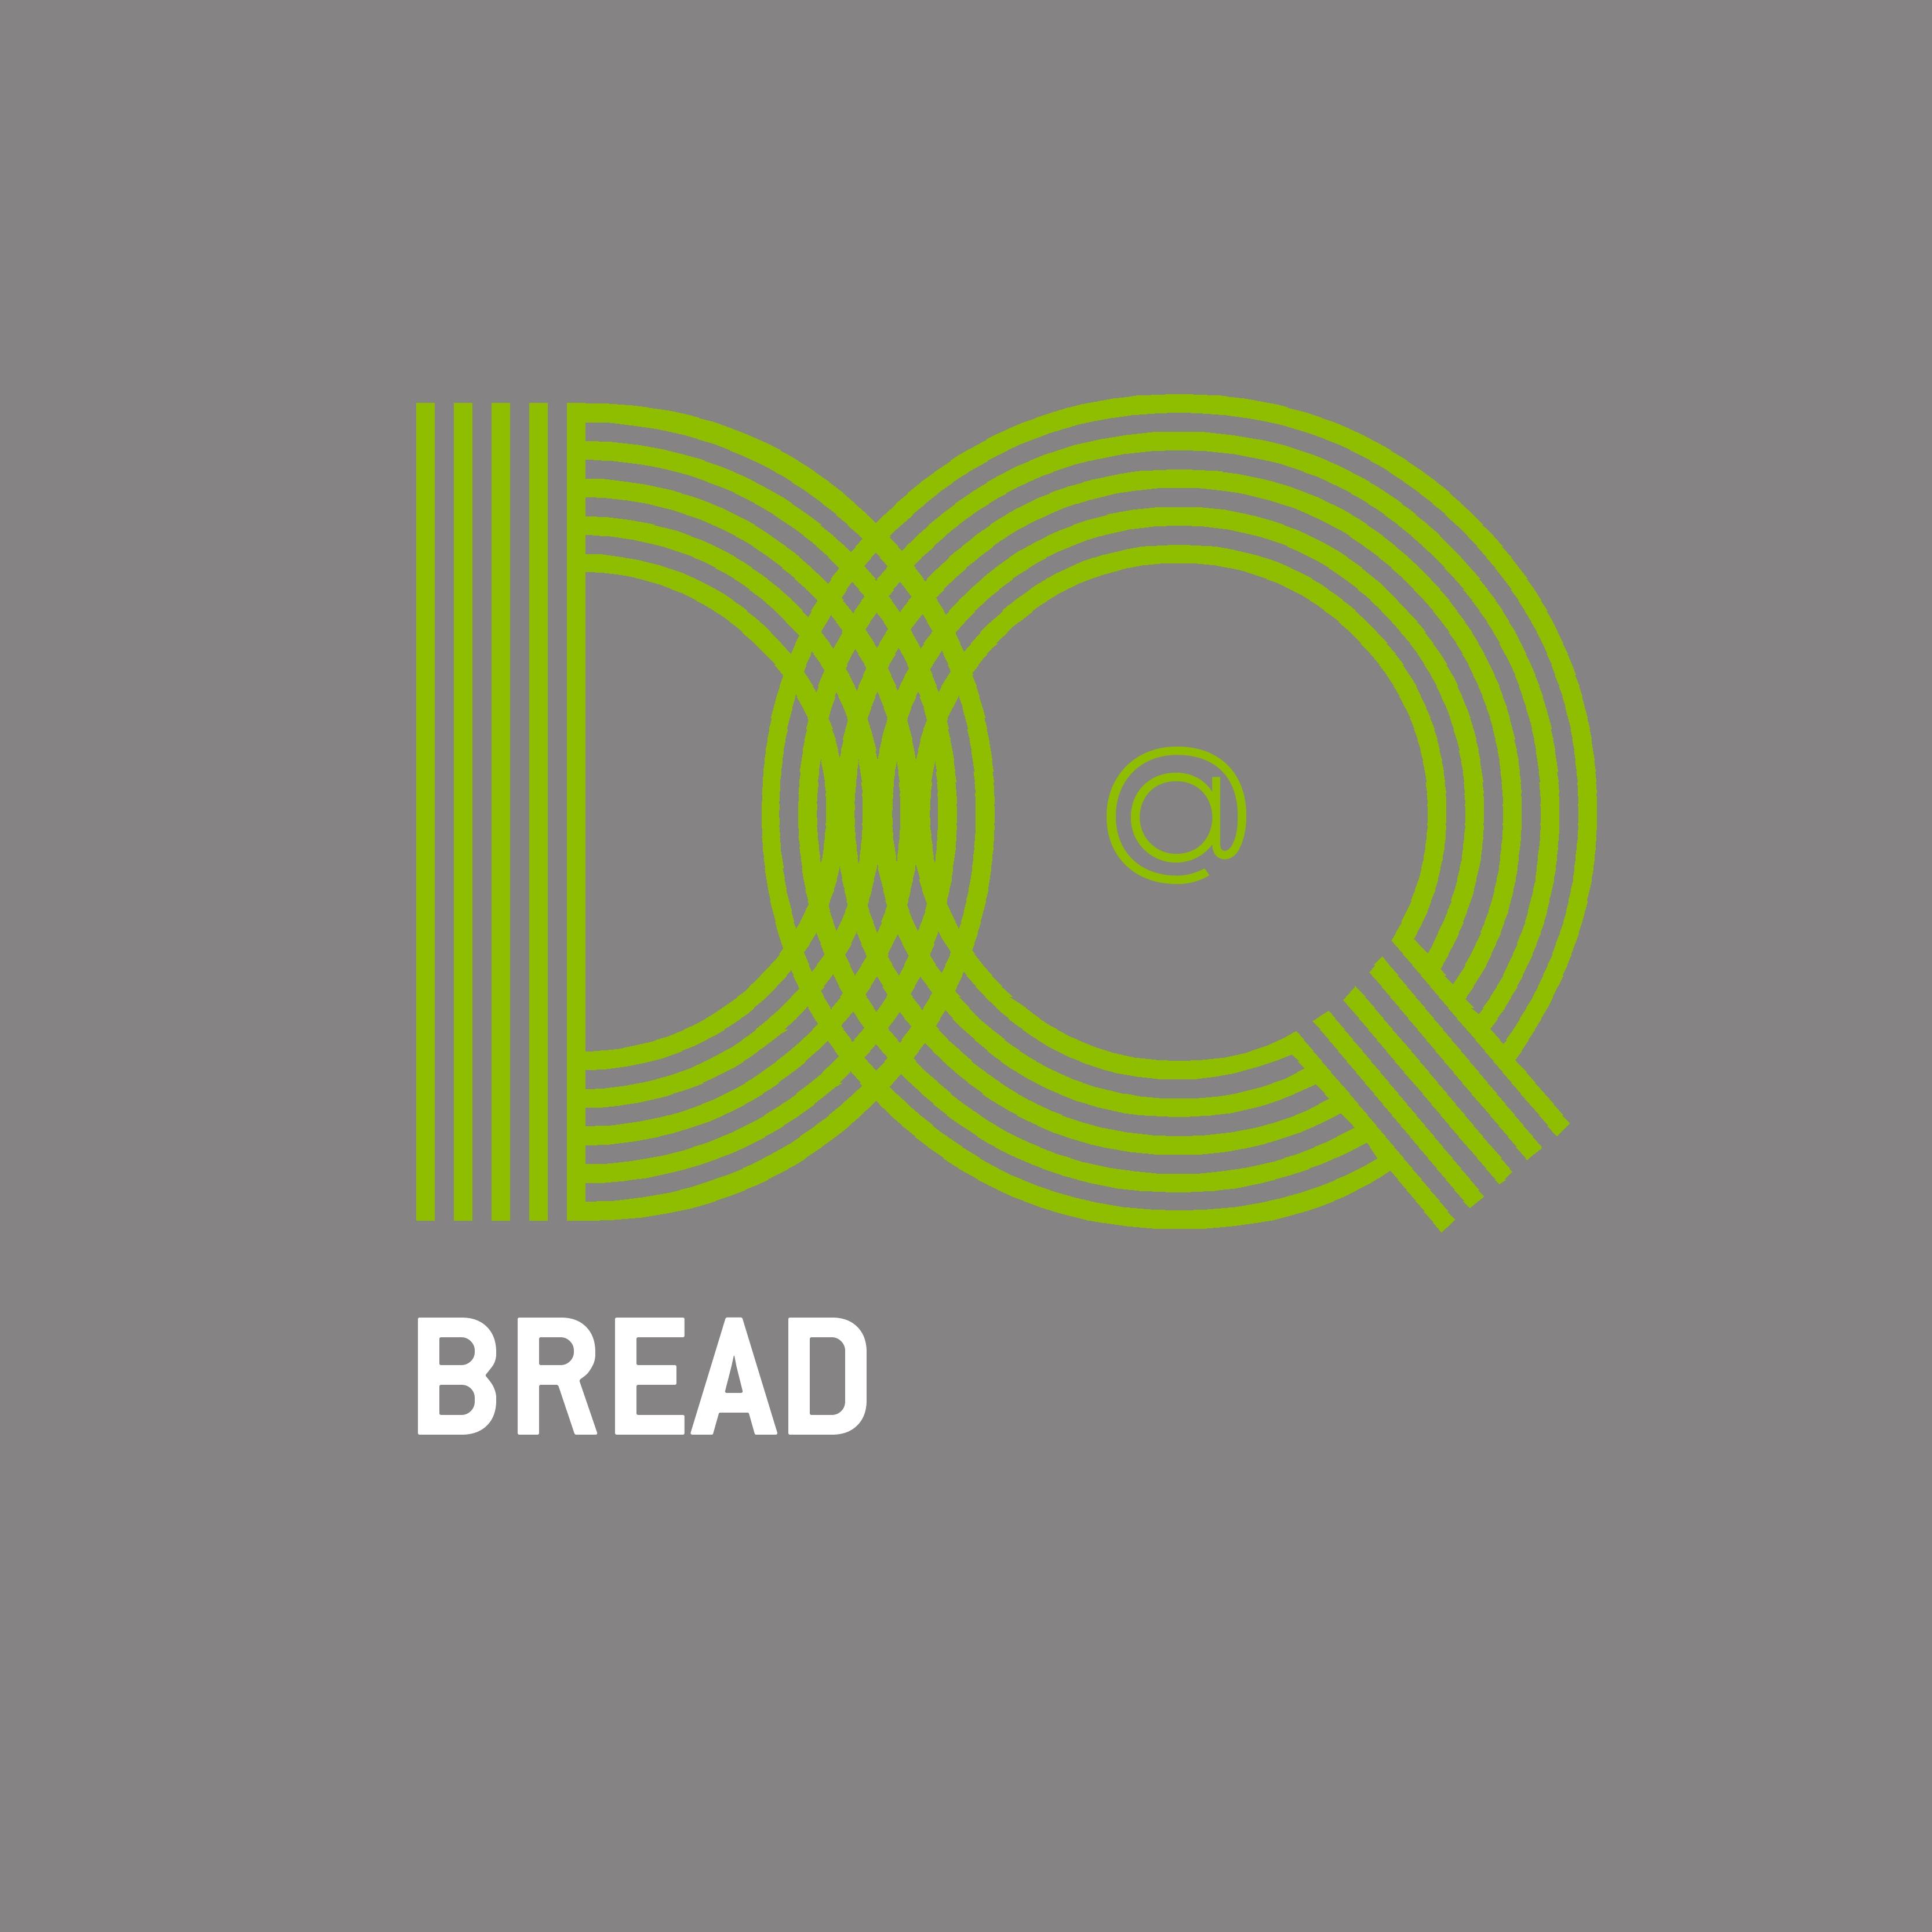 01. DQ - BREAD